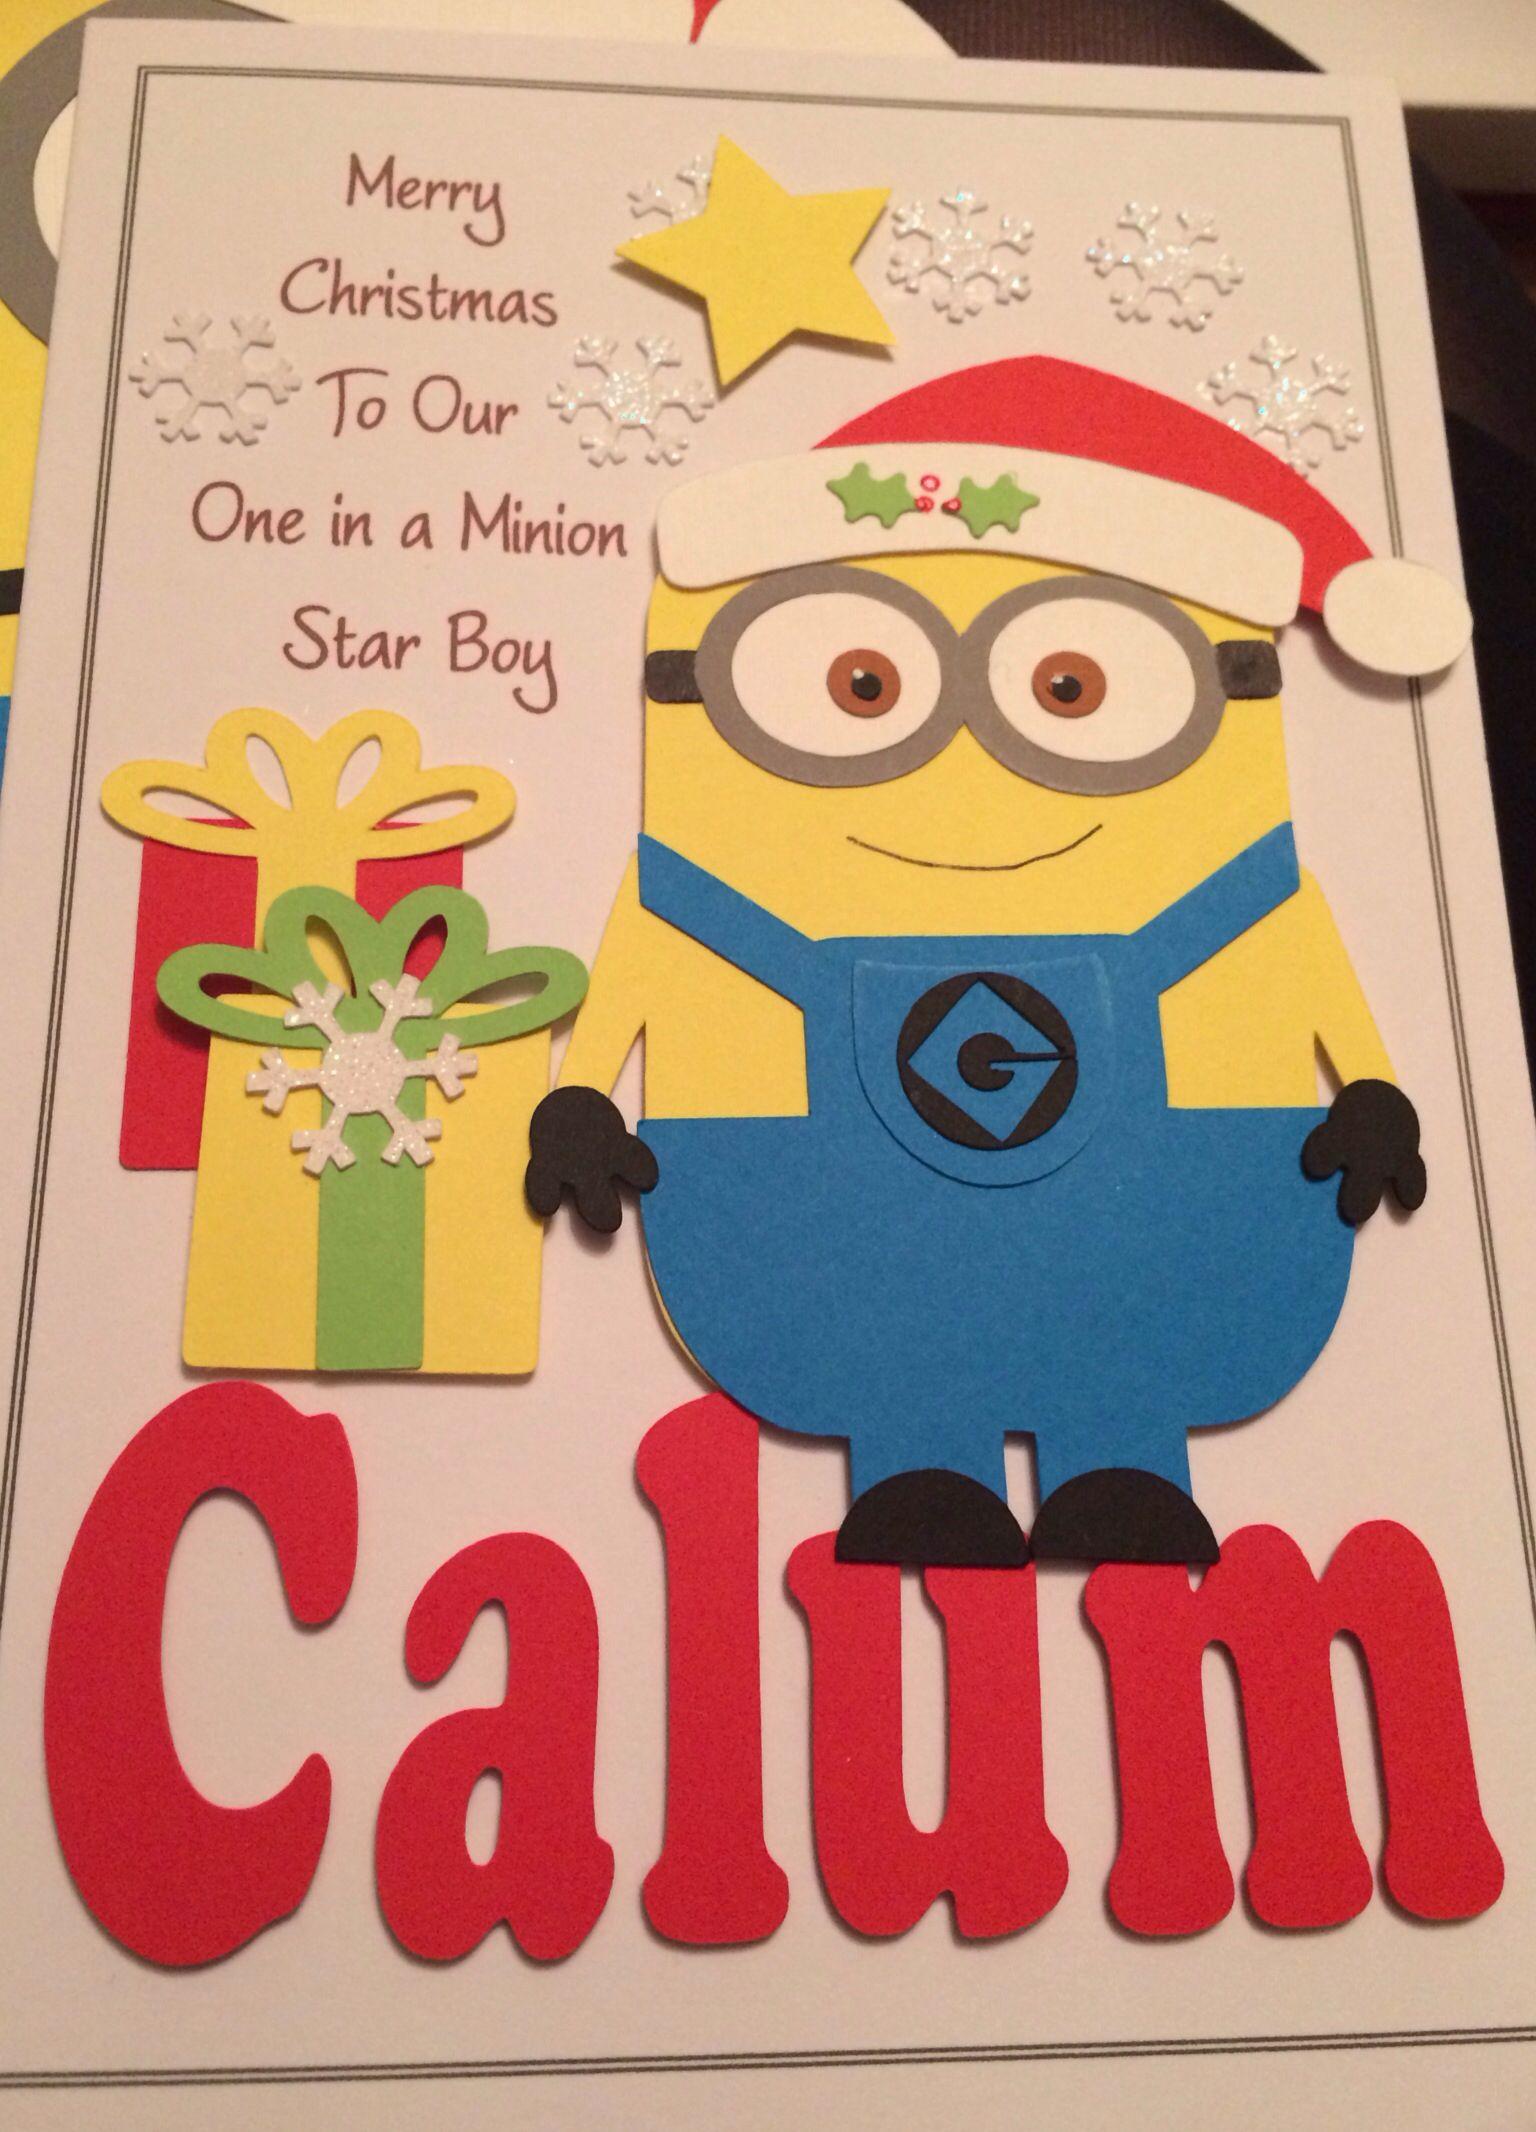 Star Boys Minion Christmas Card Minion Card Christmas Cards Christmas Card Crafts